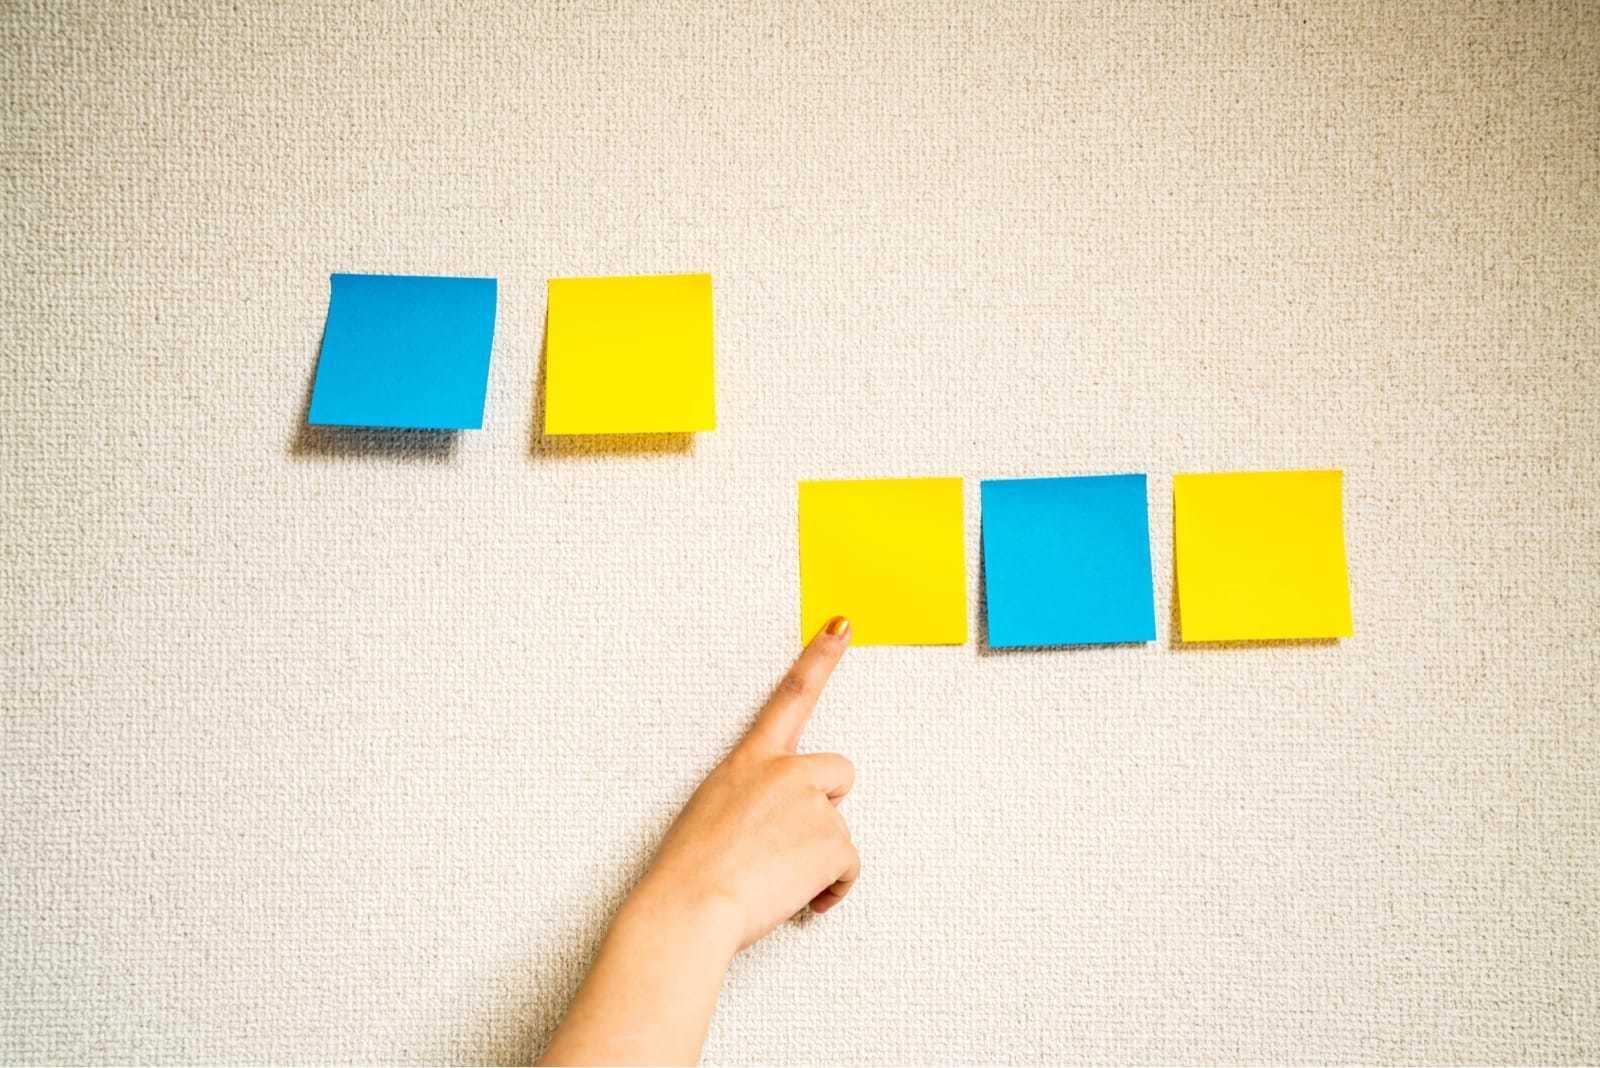 黄色い付箋を指差す女性の手